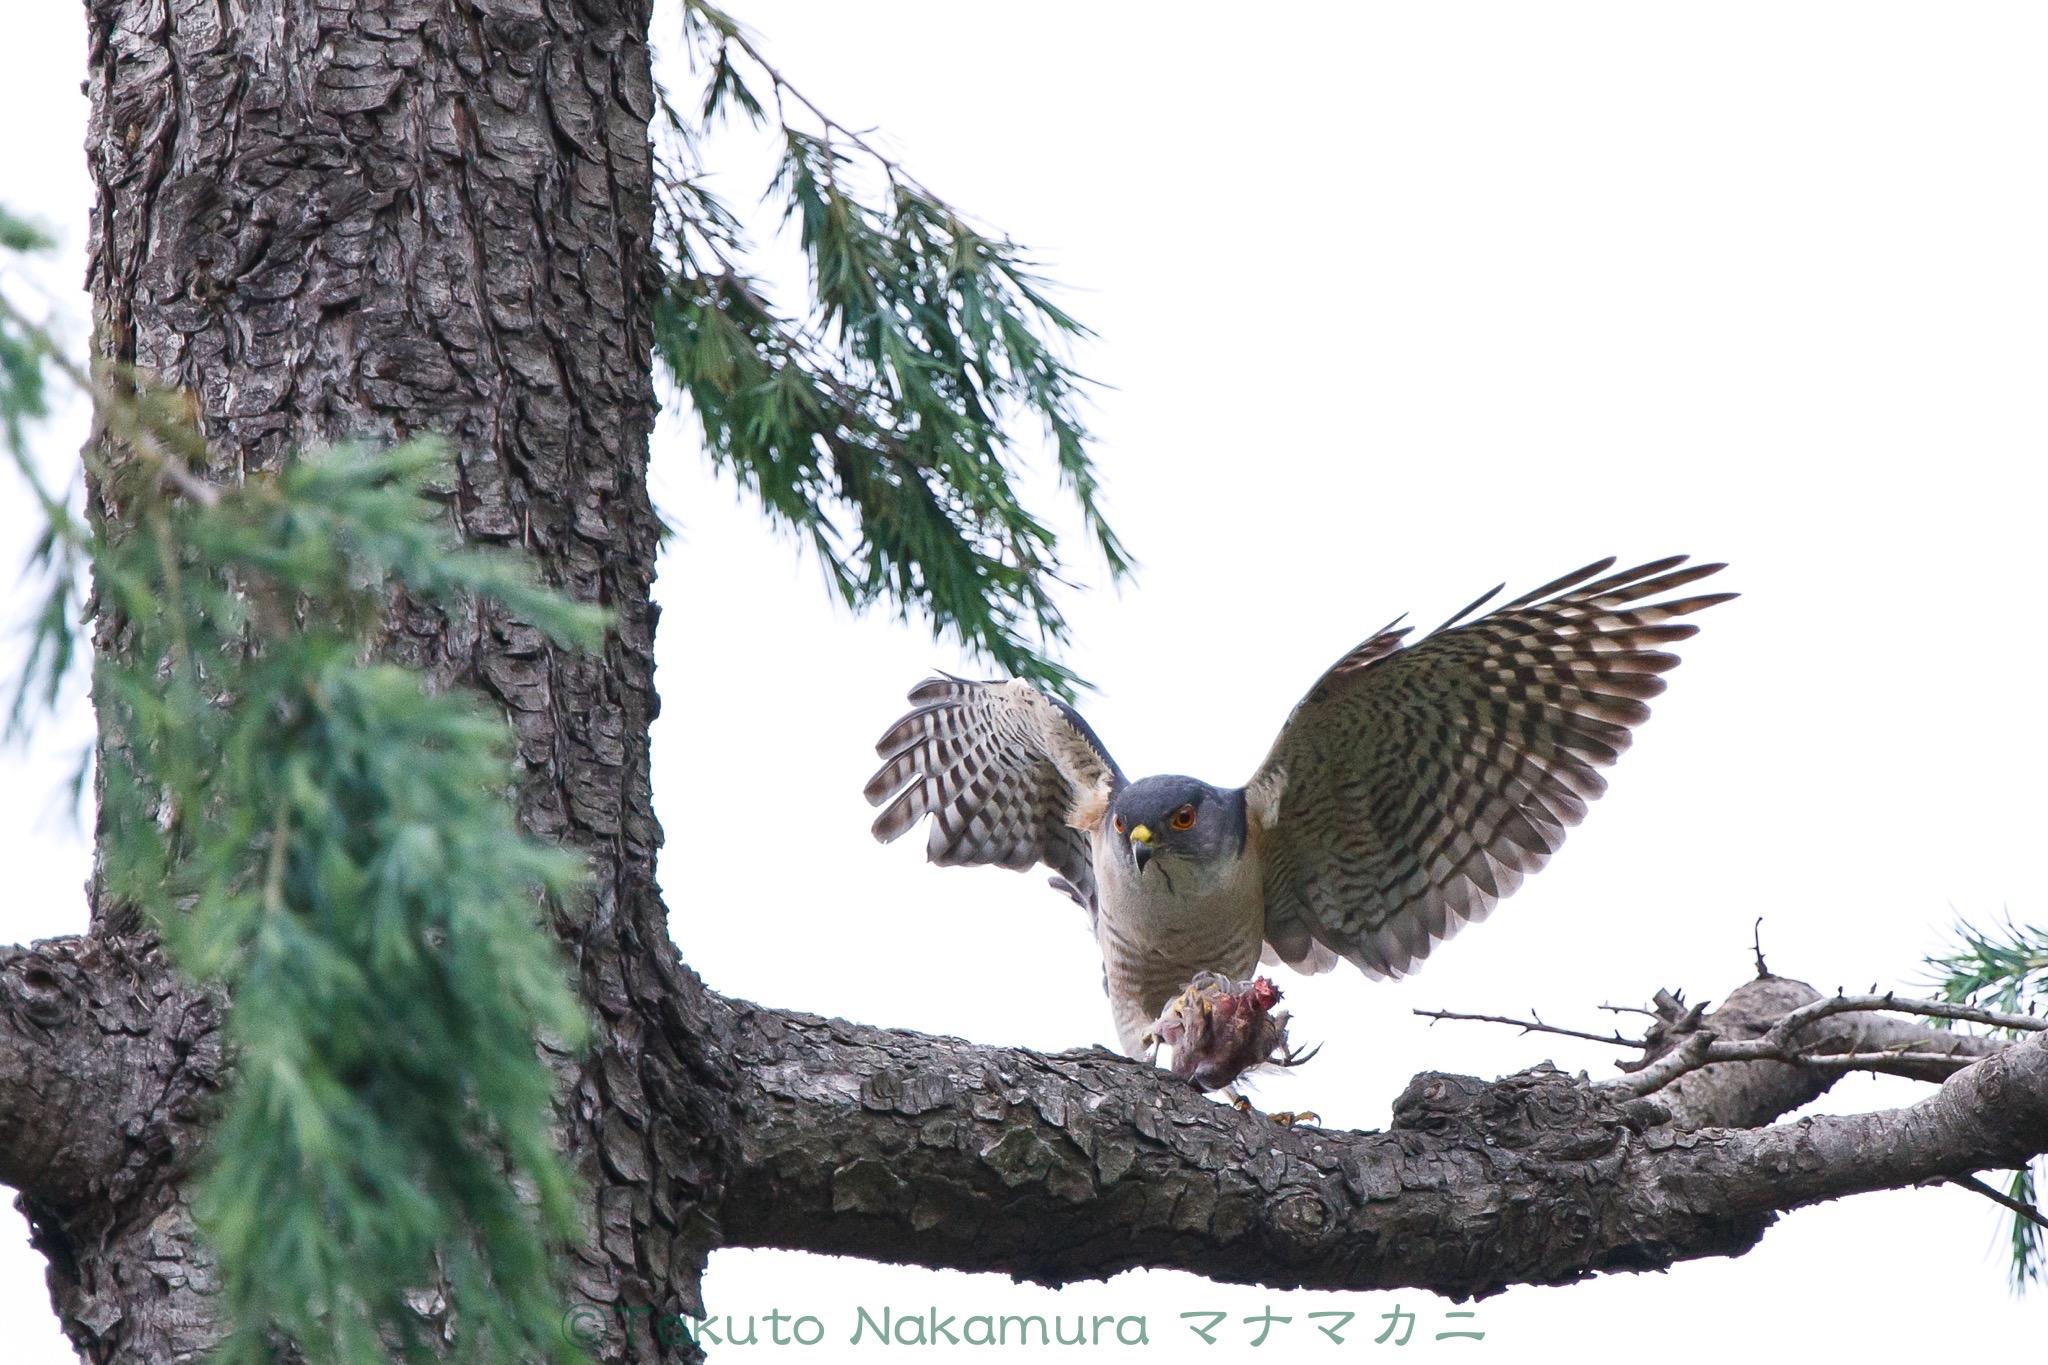 営巣中、狩りはもっぱらオスの仕事。「獲って来たぜ、かあちゃん!」 ※クリックすると関連Blog記事が表示されます。2020年6月足立区